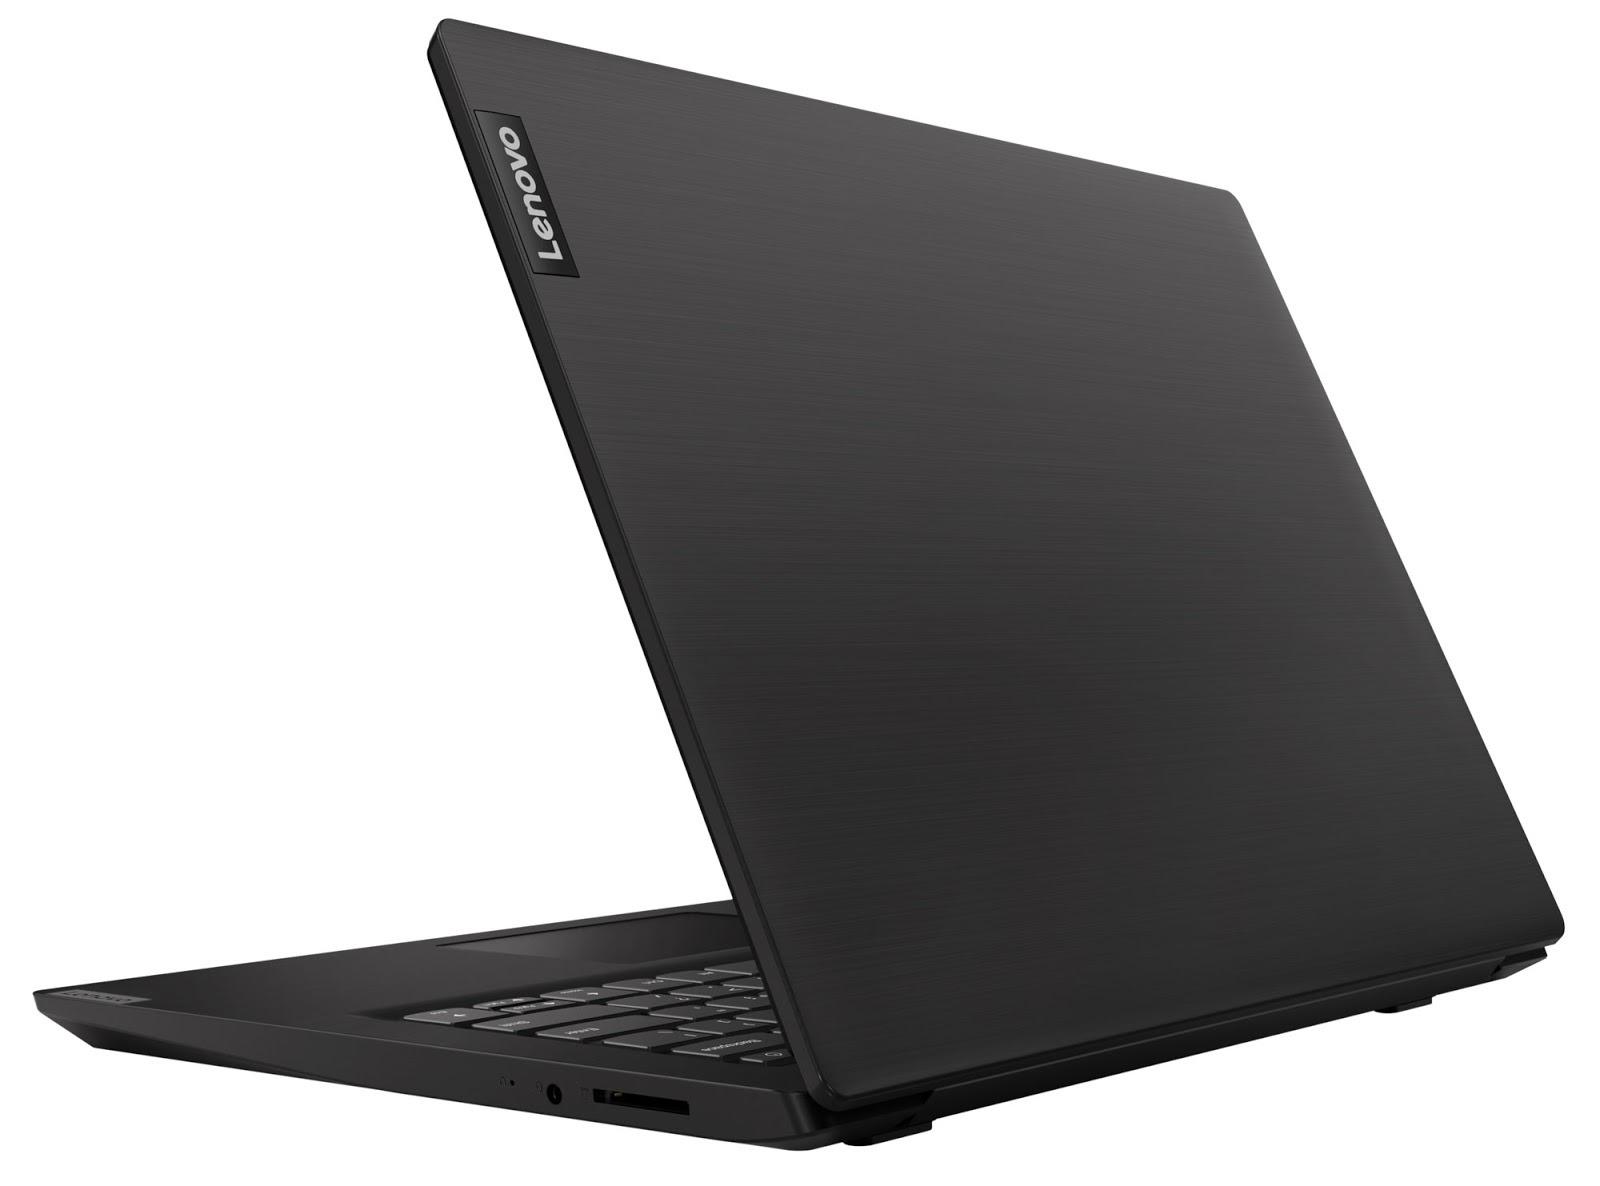 Фото 2. Ноутбук Lenovo ideapad S145-15API (81UT00BNRE)